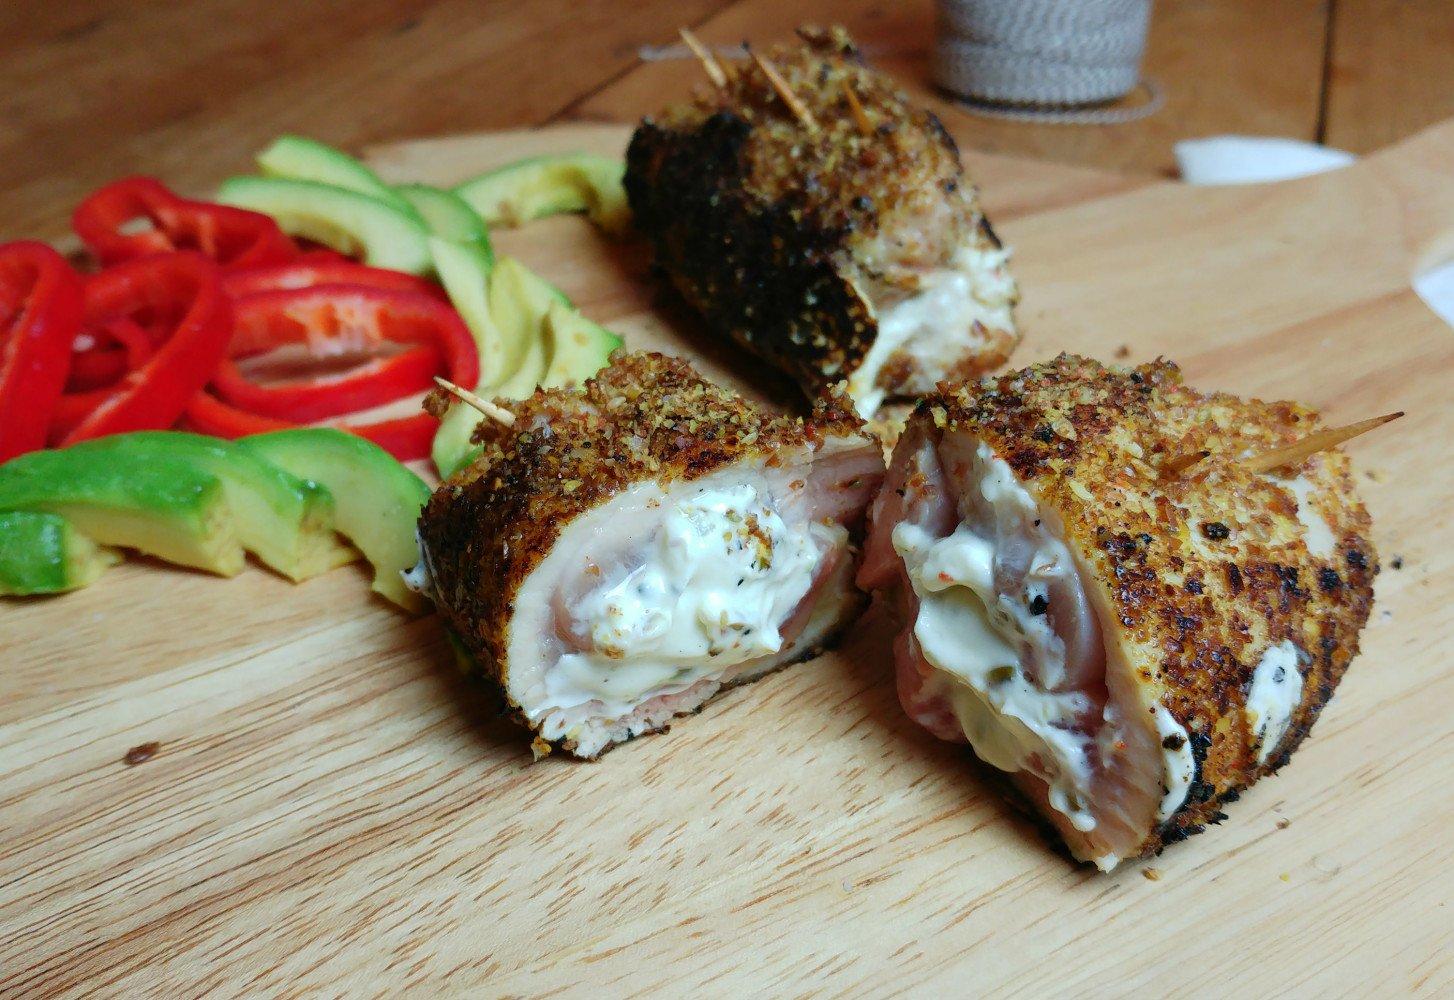 Krokante kip gevuld met roomkaas en lijnzaad mengsel